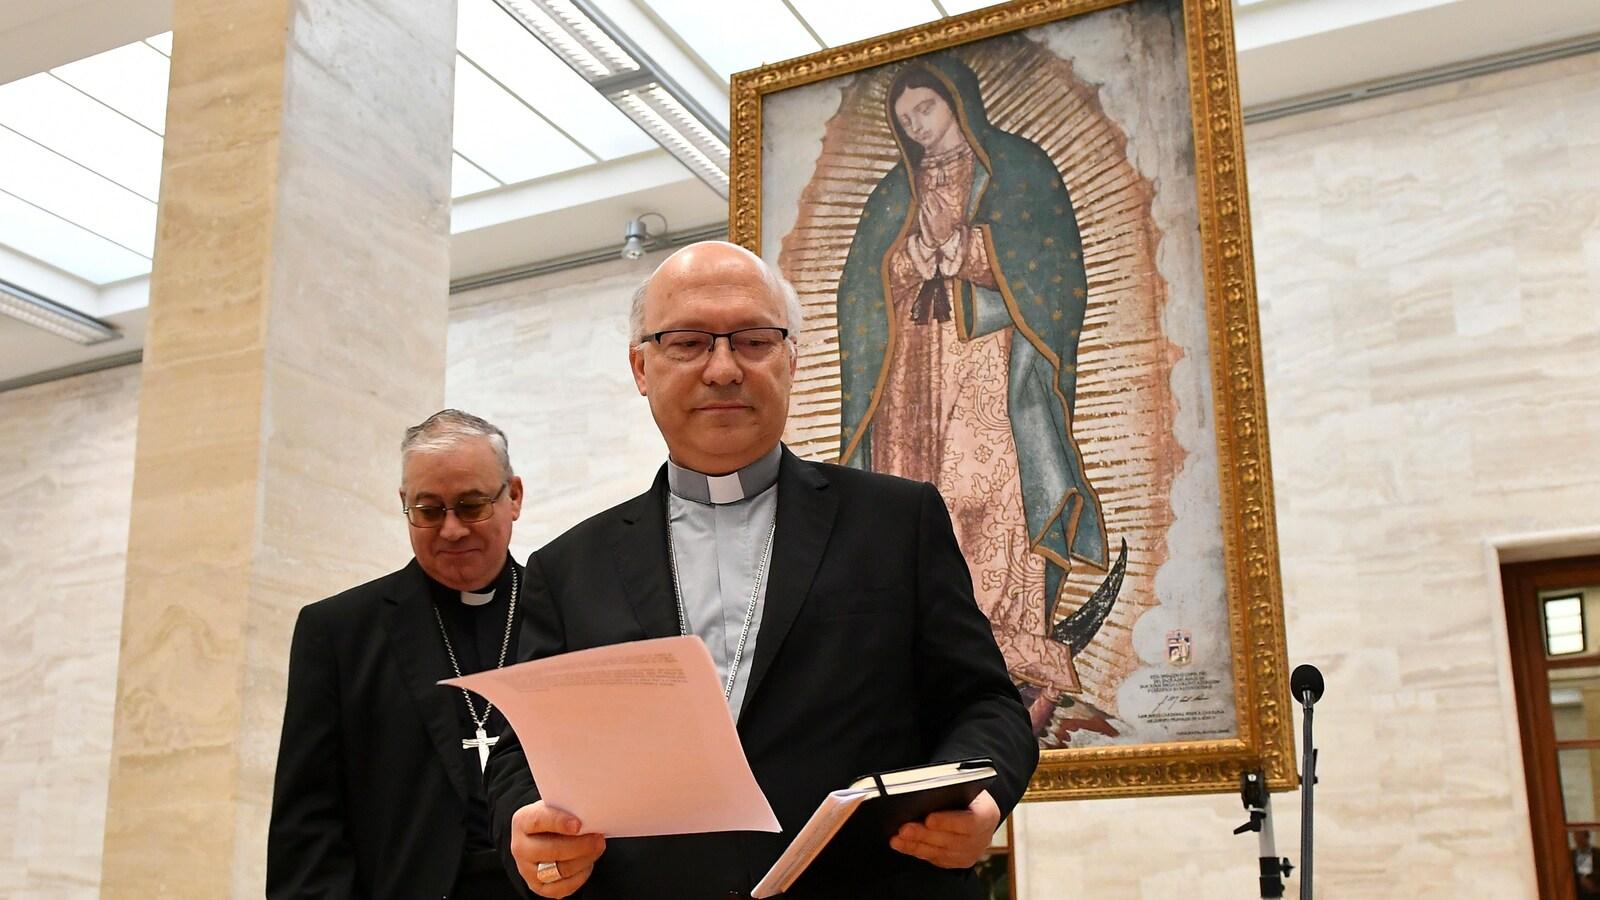 Les deux membres de la conférence épiscopale chilienne arrivent pour leur conférence de presse, donné devant une image religieuse.